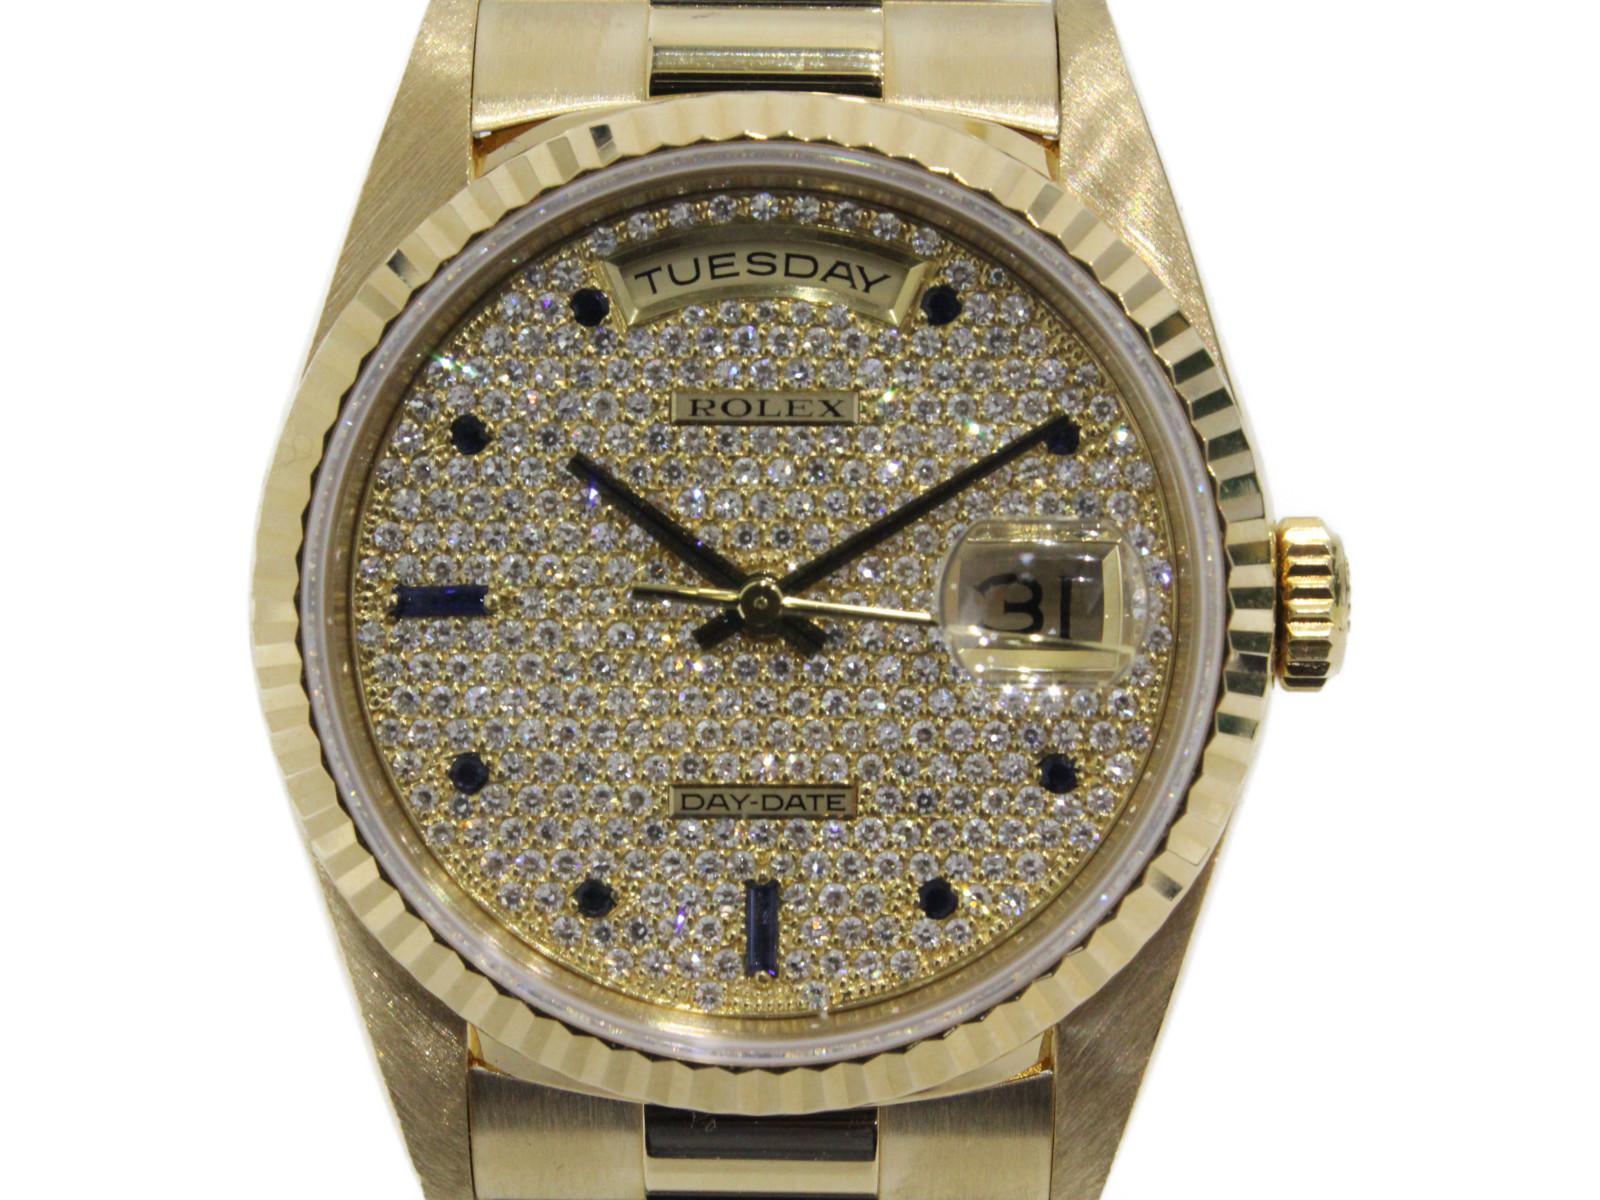 【純正文字盤】ROLEX ロレックス デイデイト 18238 E番 自動巻き K18YG イエローゴールド ダイヤモンド サファイア メンズ 腕時計【中古】